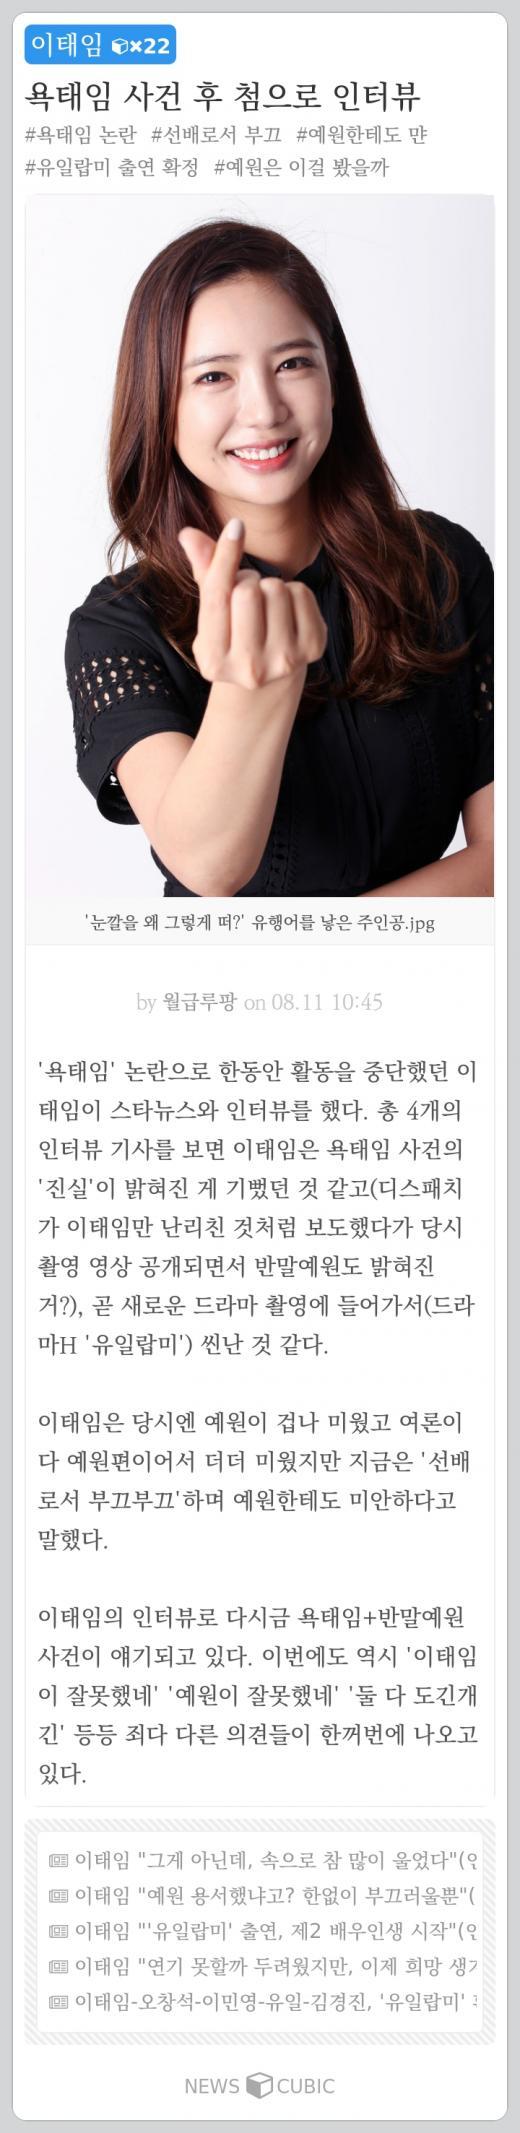 [오늘의 뉴스큐빅] '지뢰 폭발' 김정원 하사의 바람, 드라마 복귀 '욕설 논란' 이태임